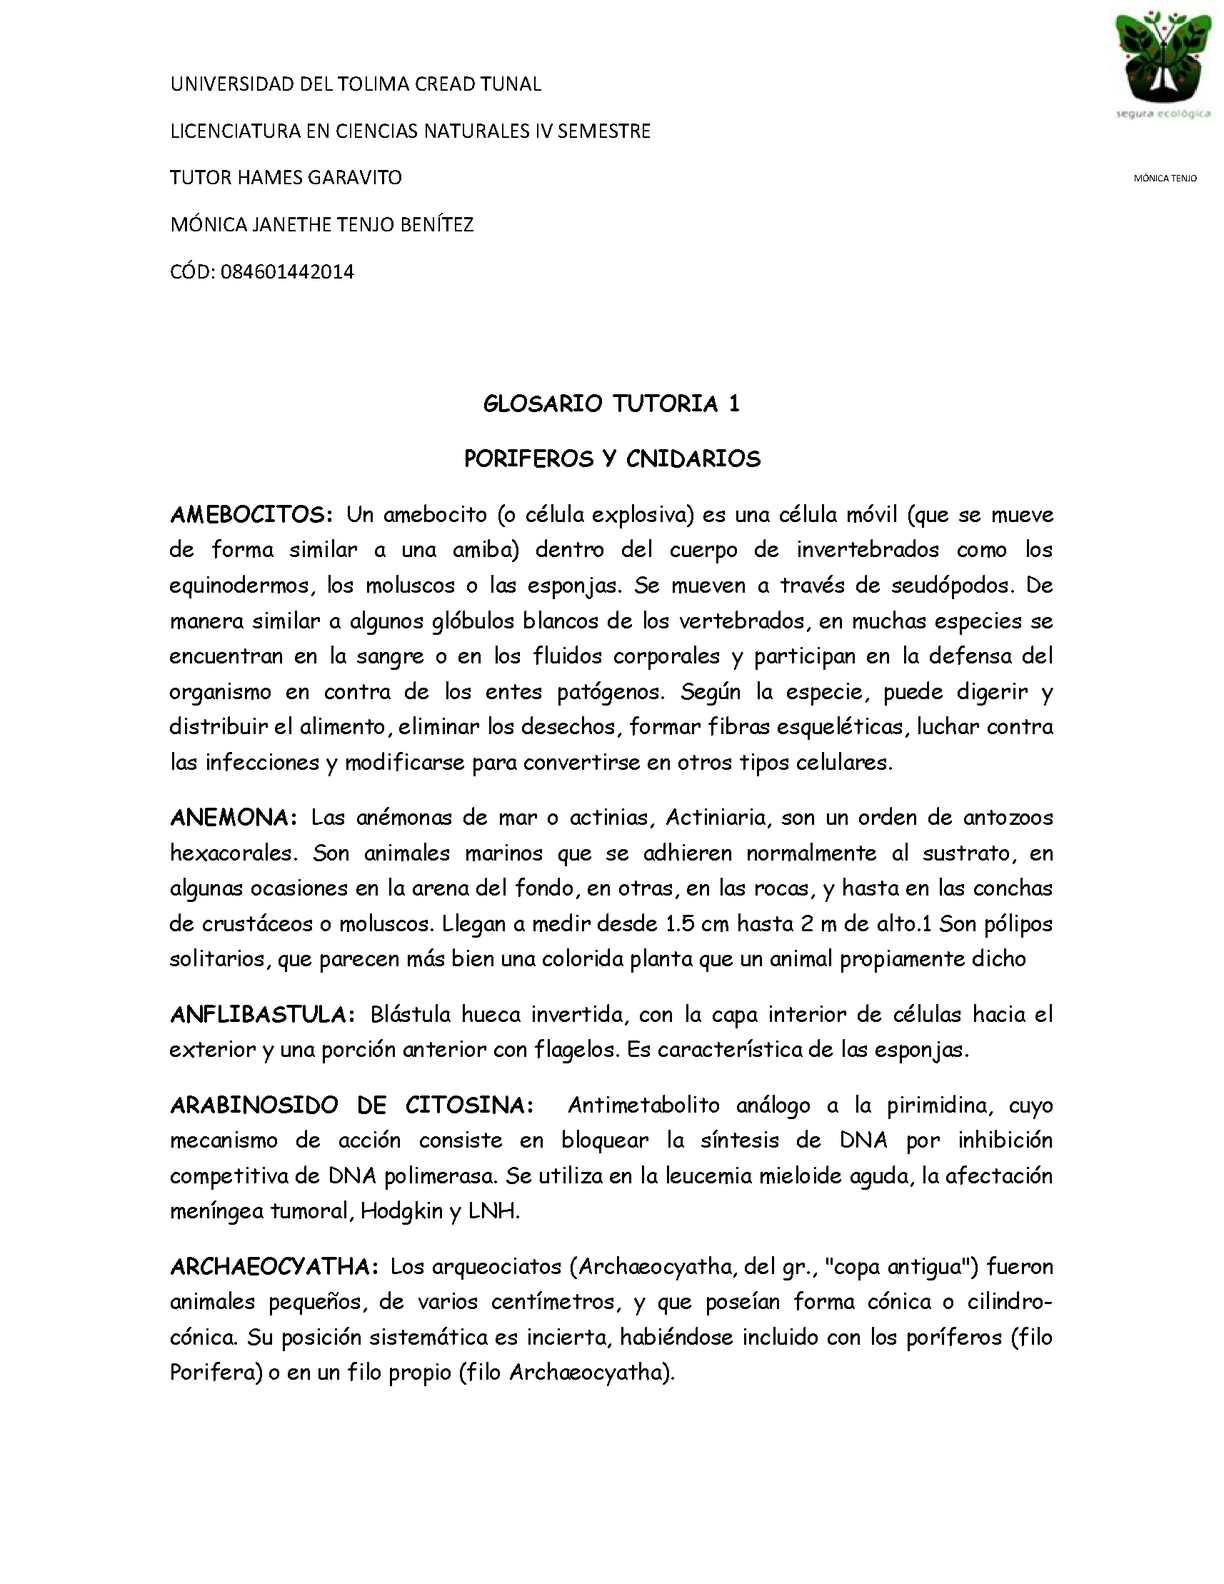 Calaméo Glosario Poriferos Y Cnidarios